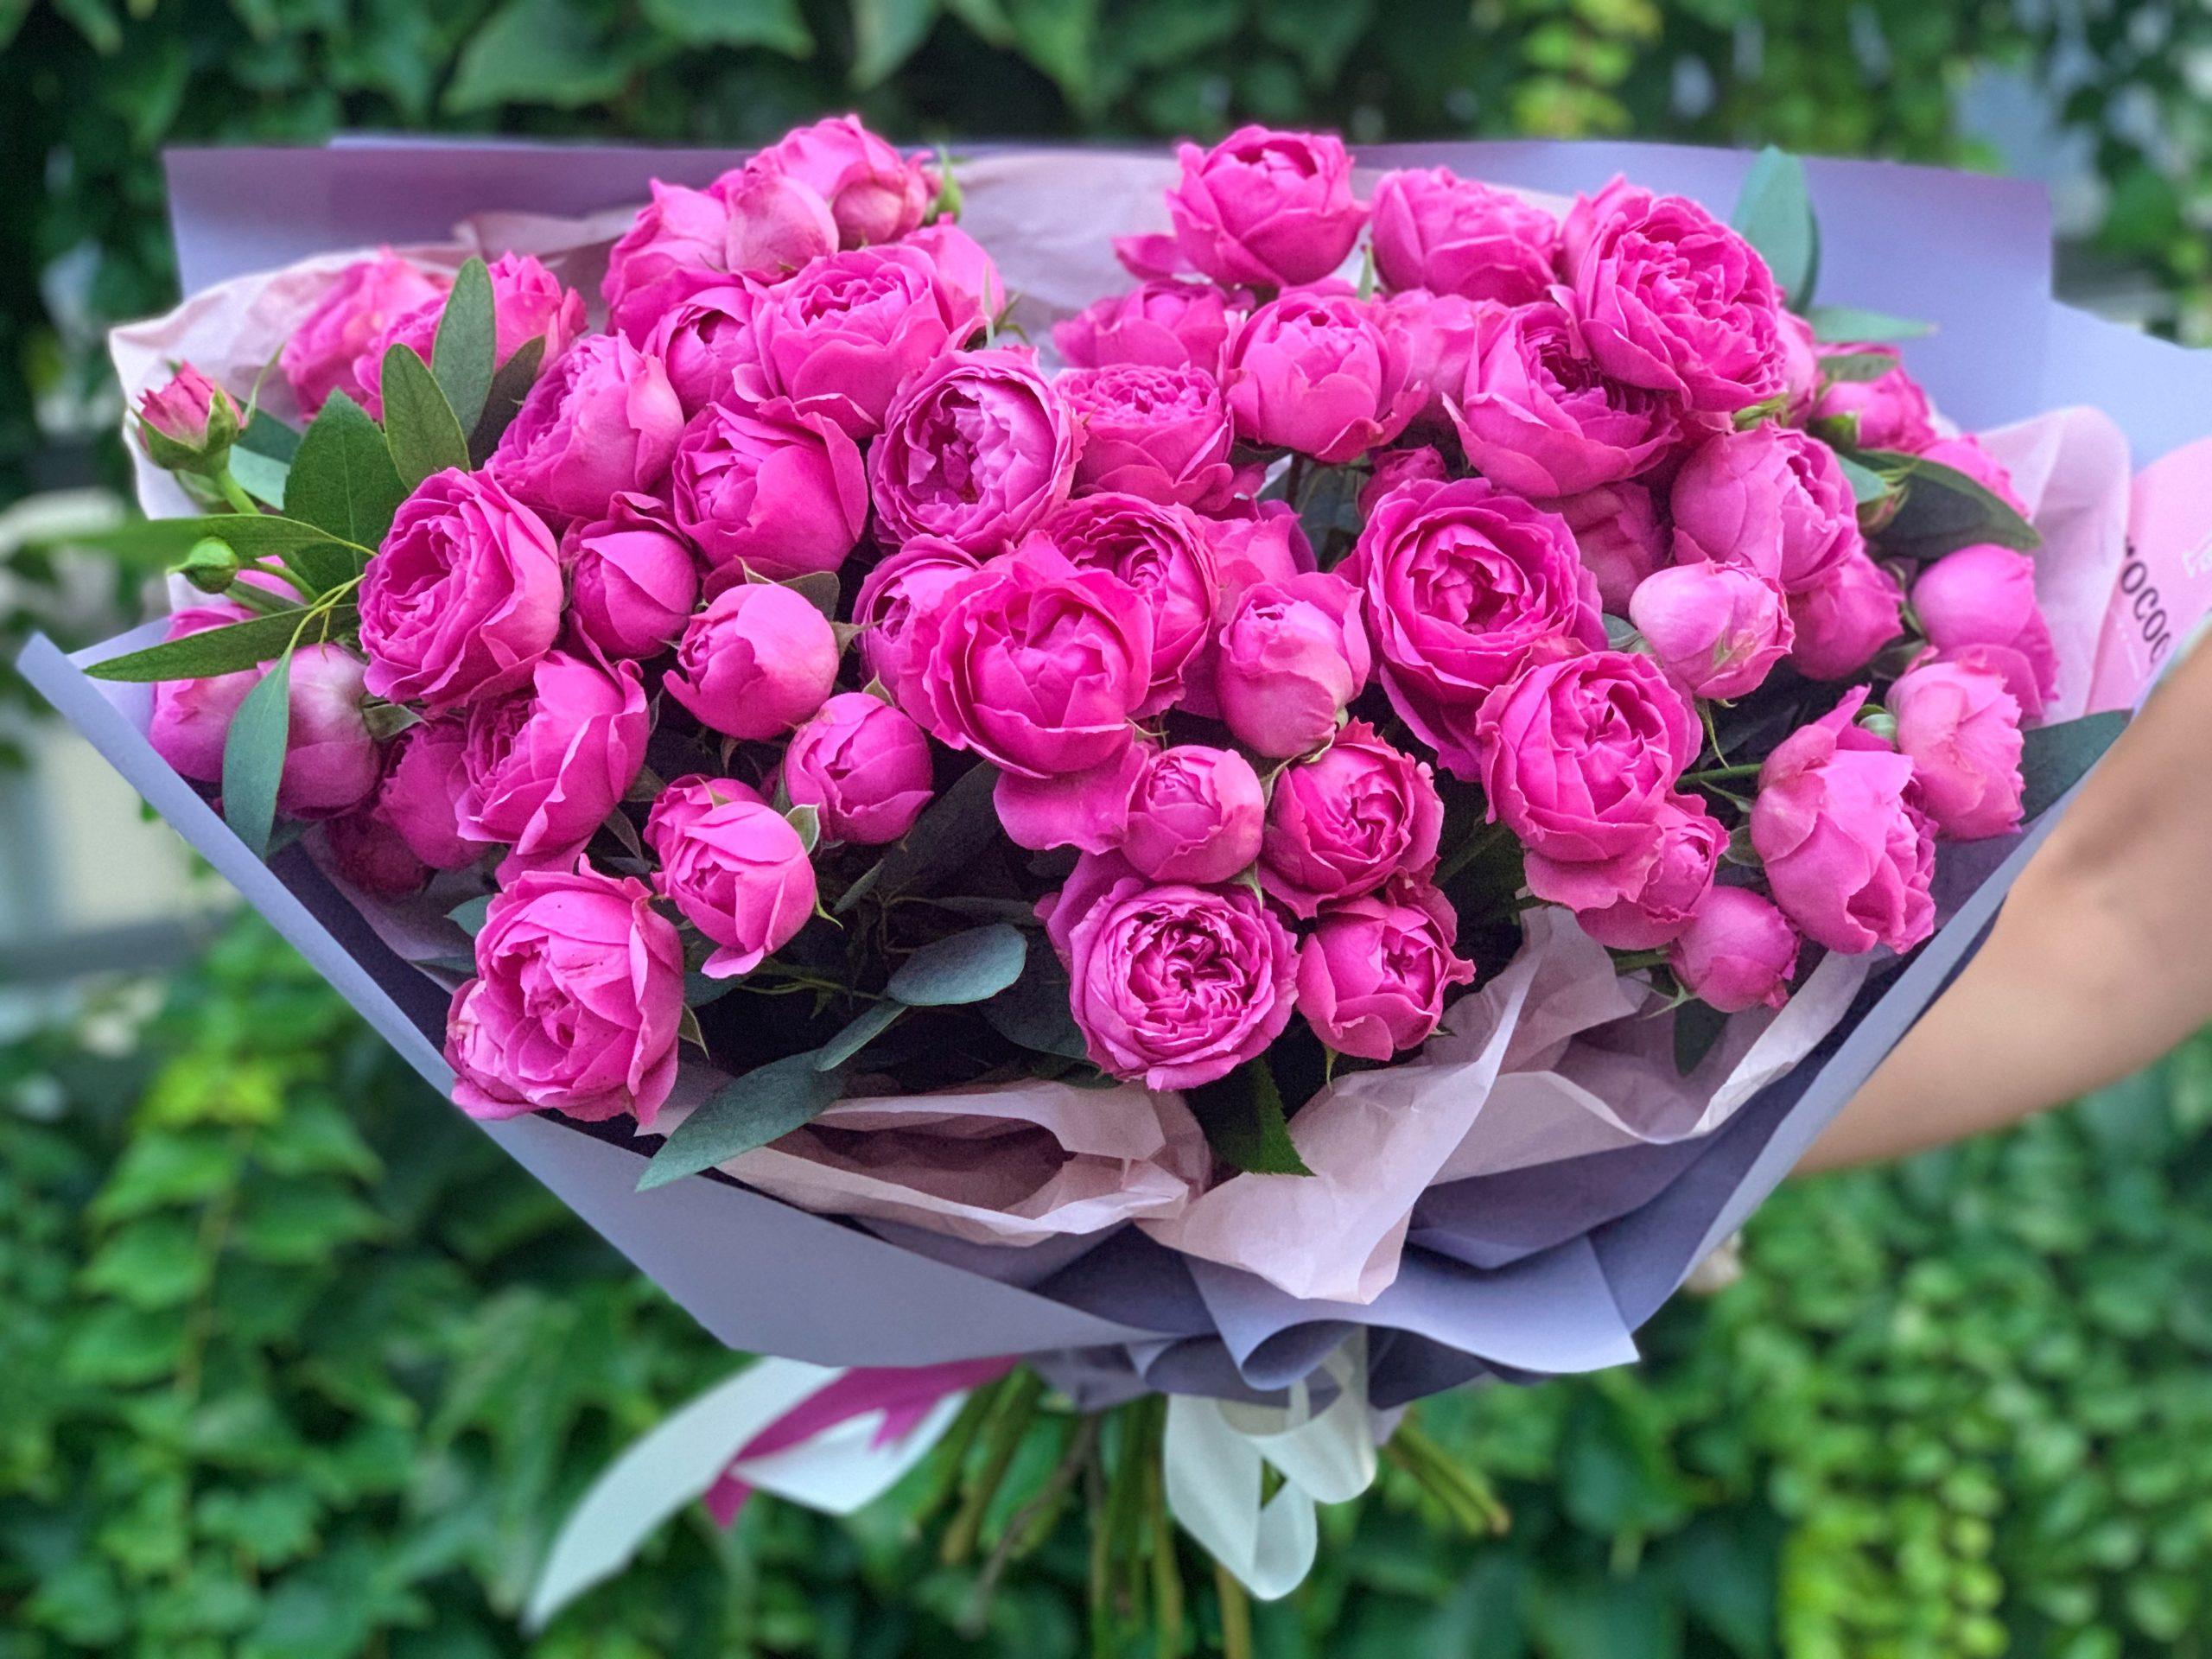 Посадка и уход в открытом грунте за кустовой розой, выращивание в саду